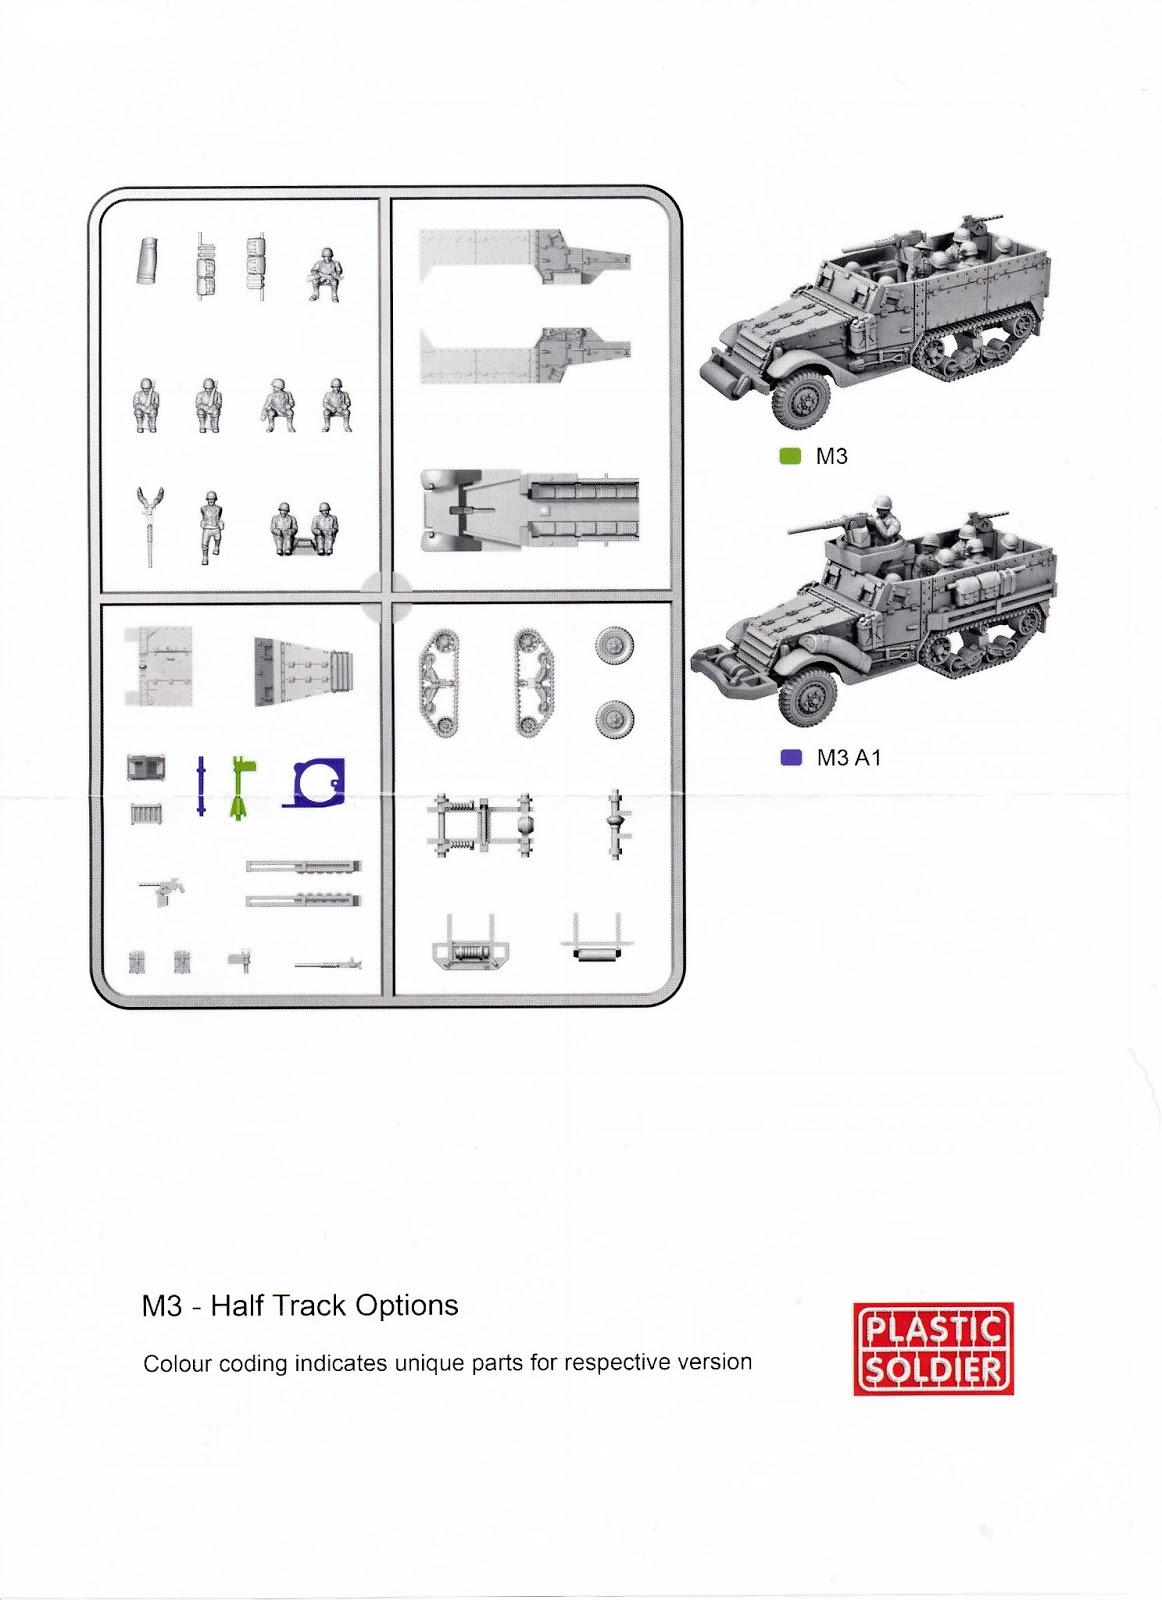 Oldsarges Wargame And Model Blog Review Of Psc M5 Half Tracks